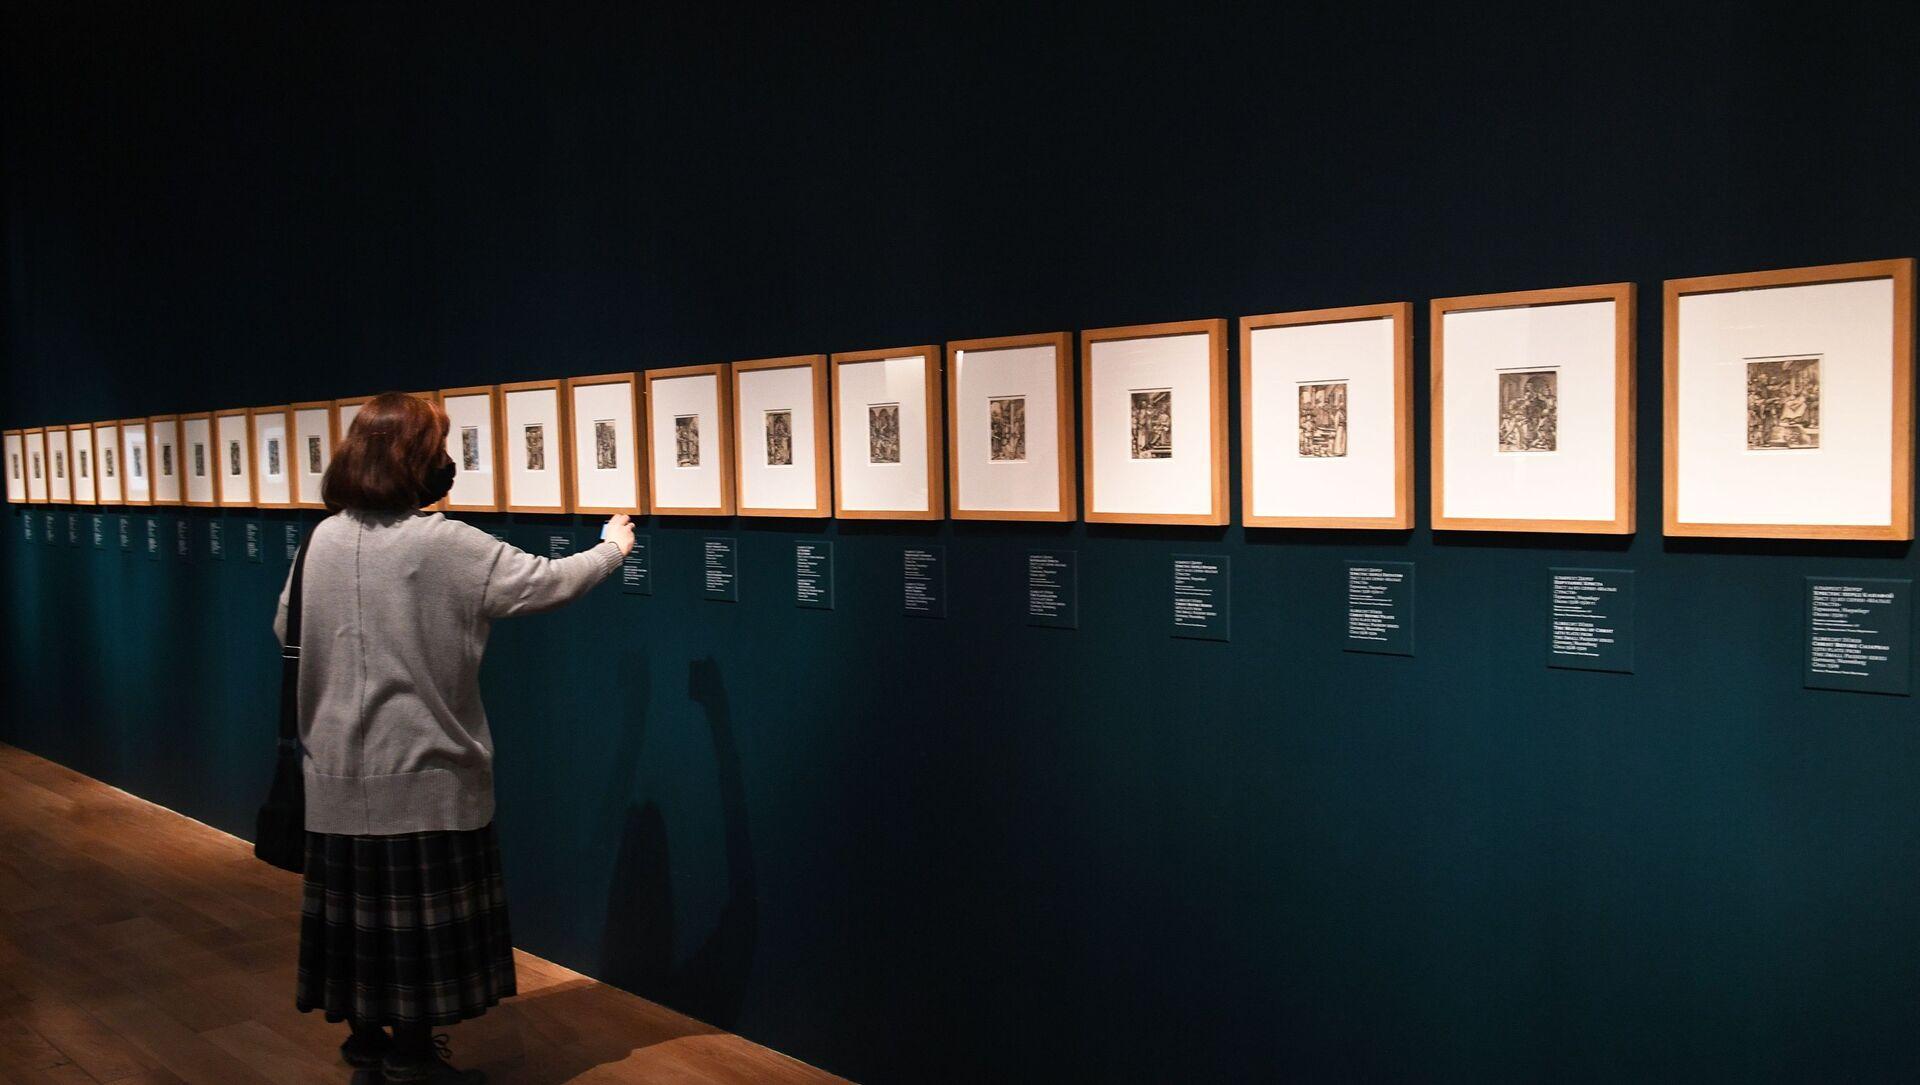 Mostra Albrecht Dürer. Capolavori dell'incisione - Sputnik Italia, 1920, 18.05.2021